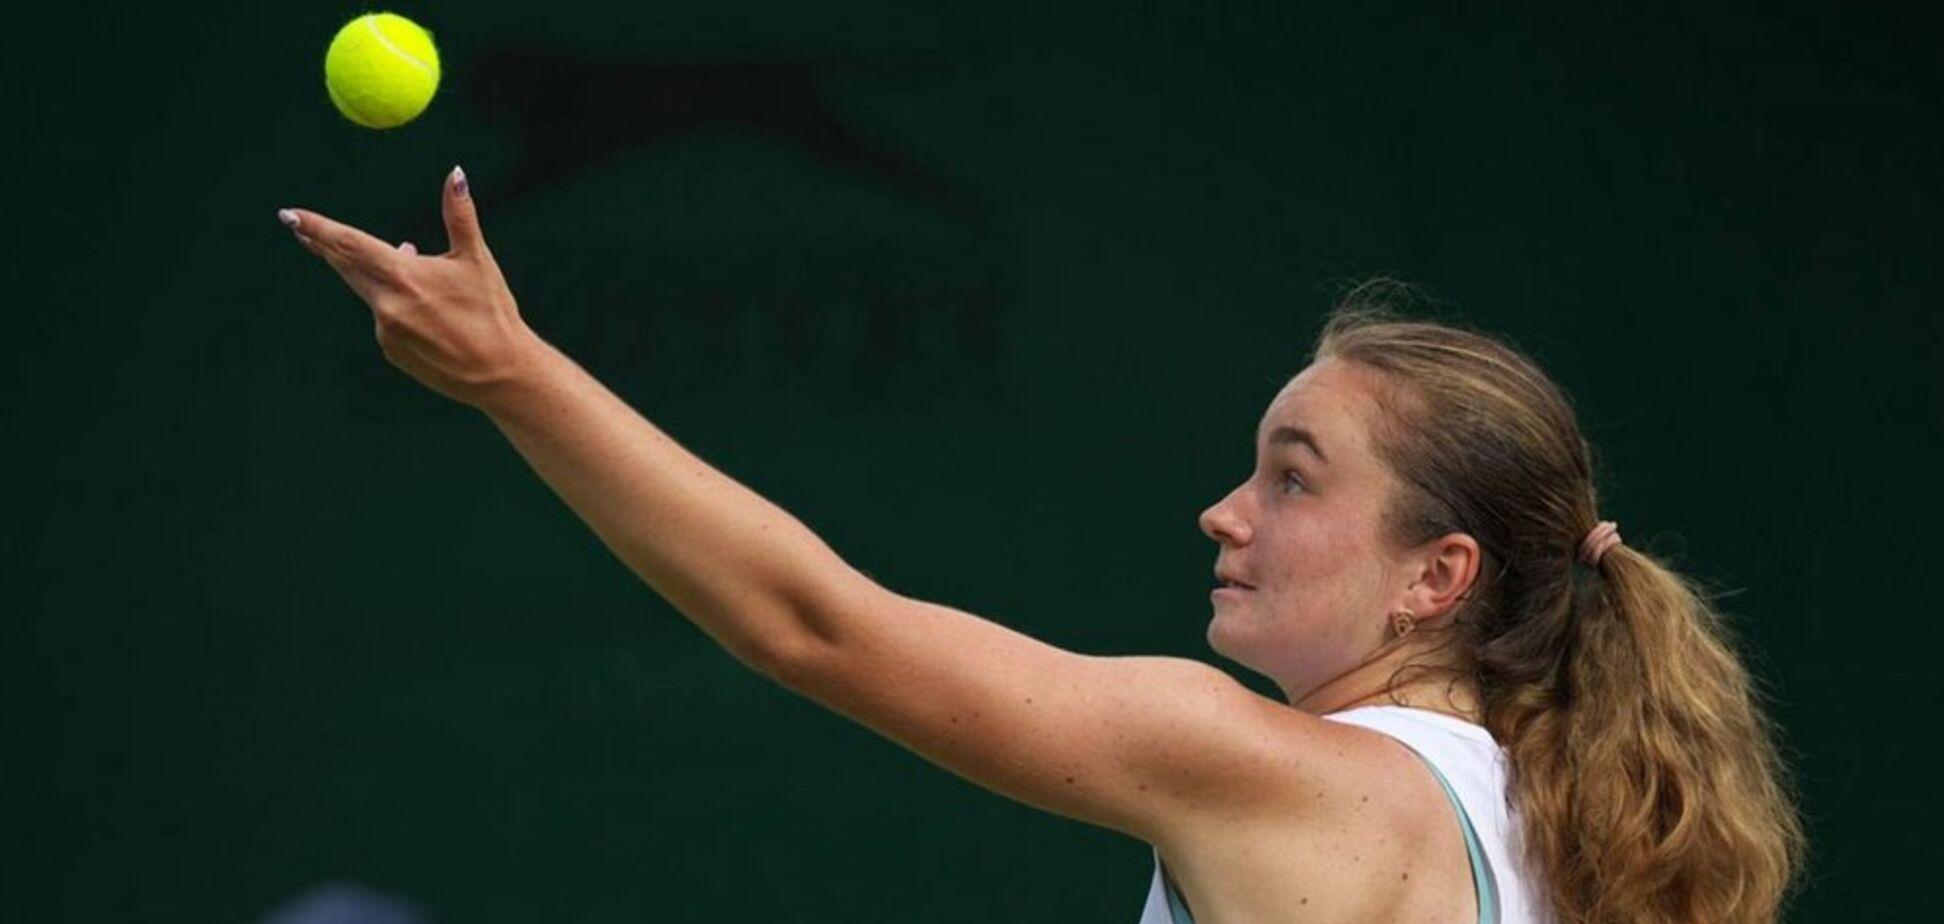 Украинка вышла в финал юношеского Wimbledon, разгромив главную фаворитку